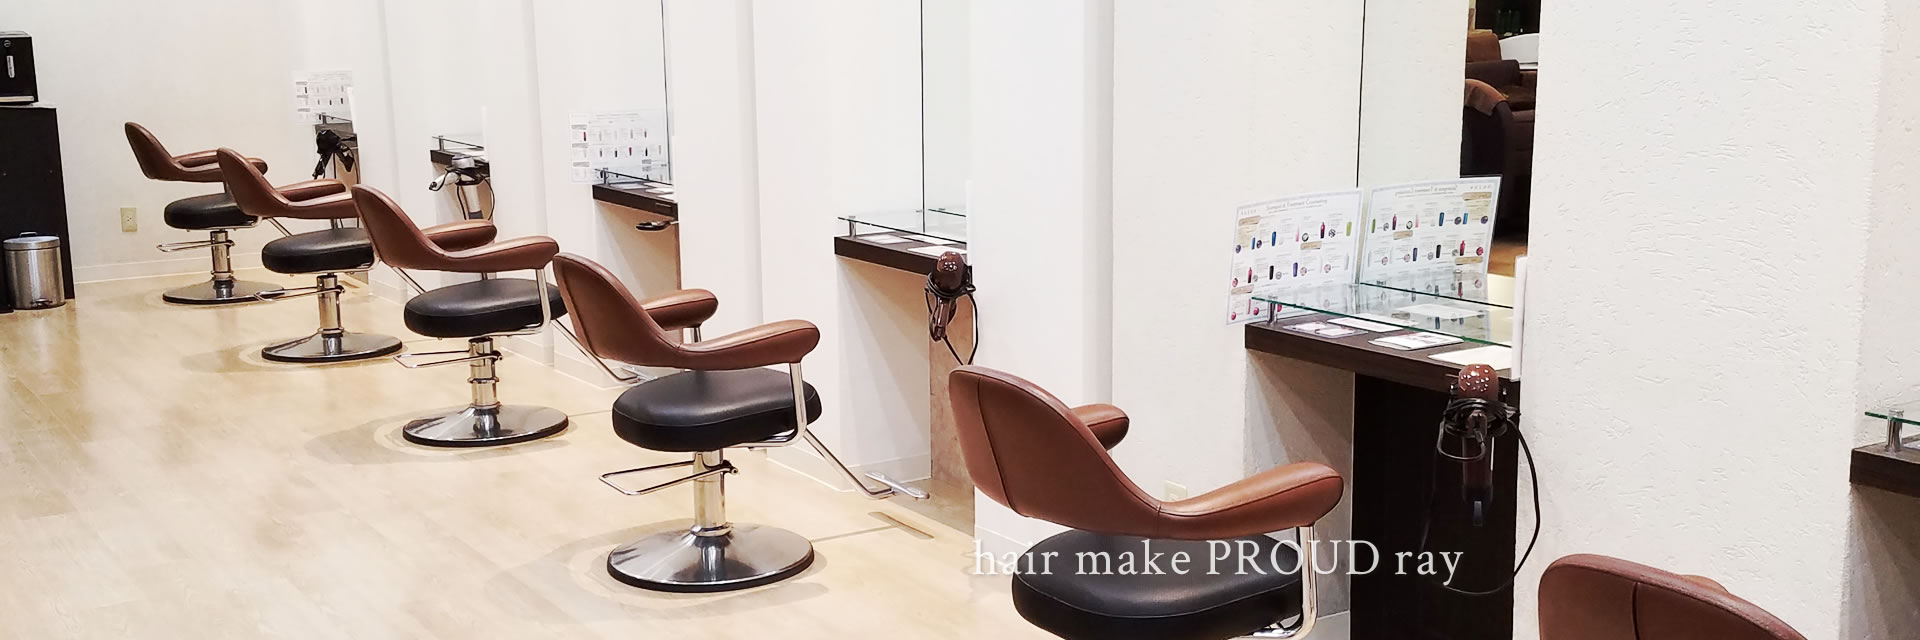 hair make PROUD ray